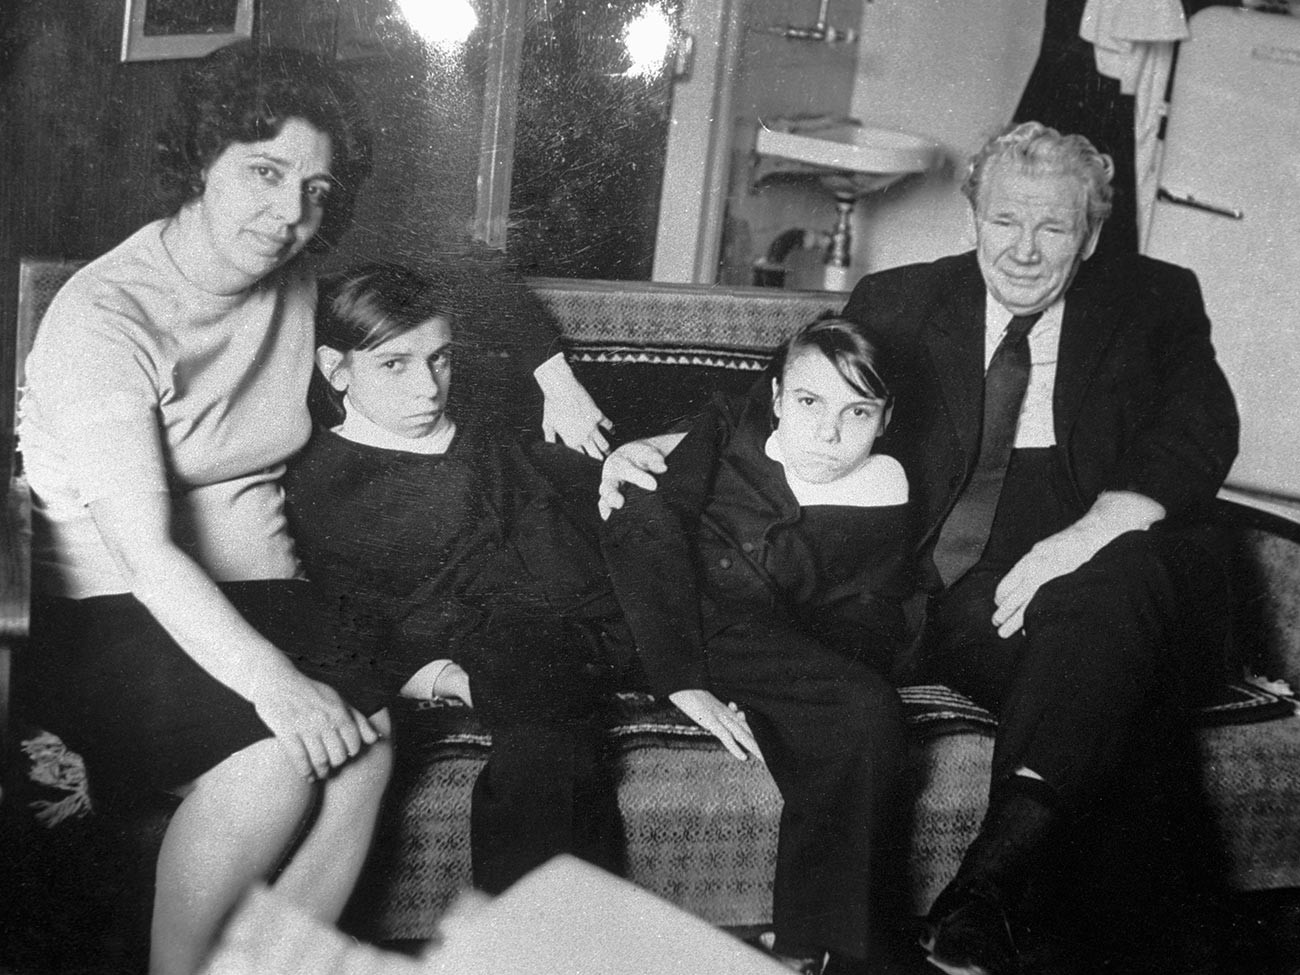 Маша и Даша са професором Анохином и Надеждом Гороховом која им је постала друга мајка